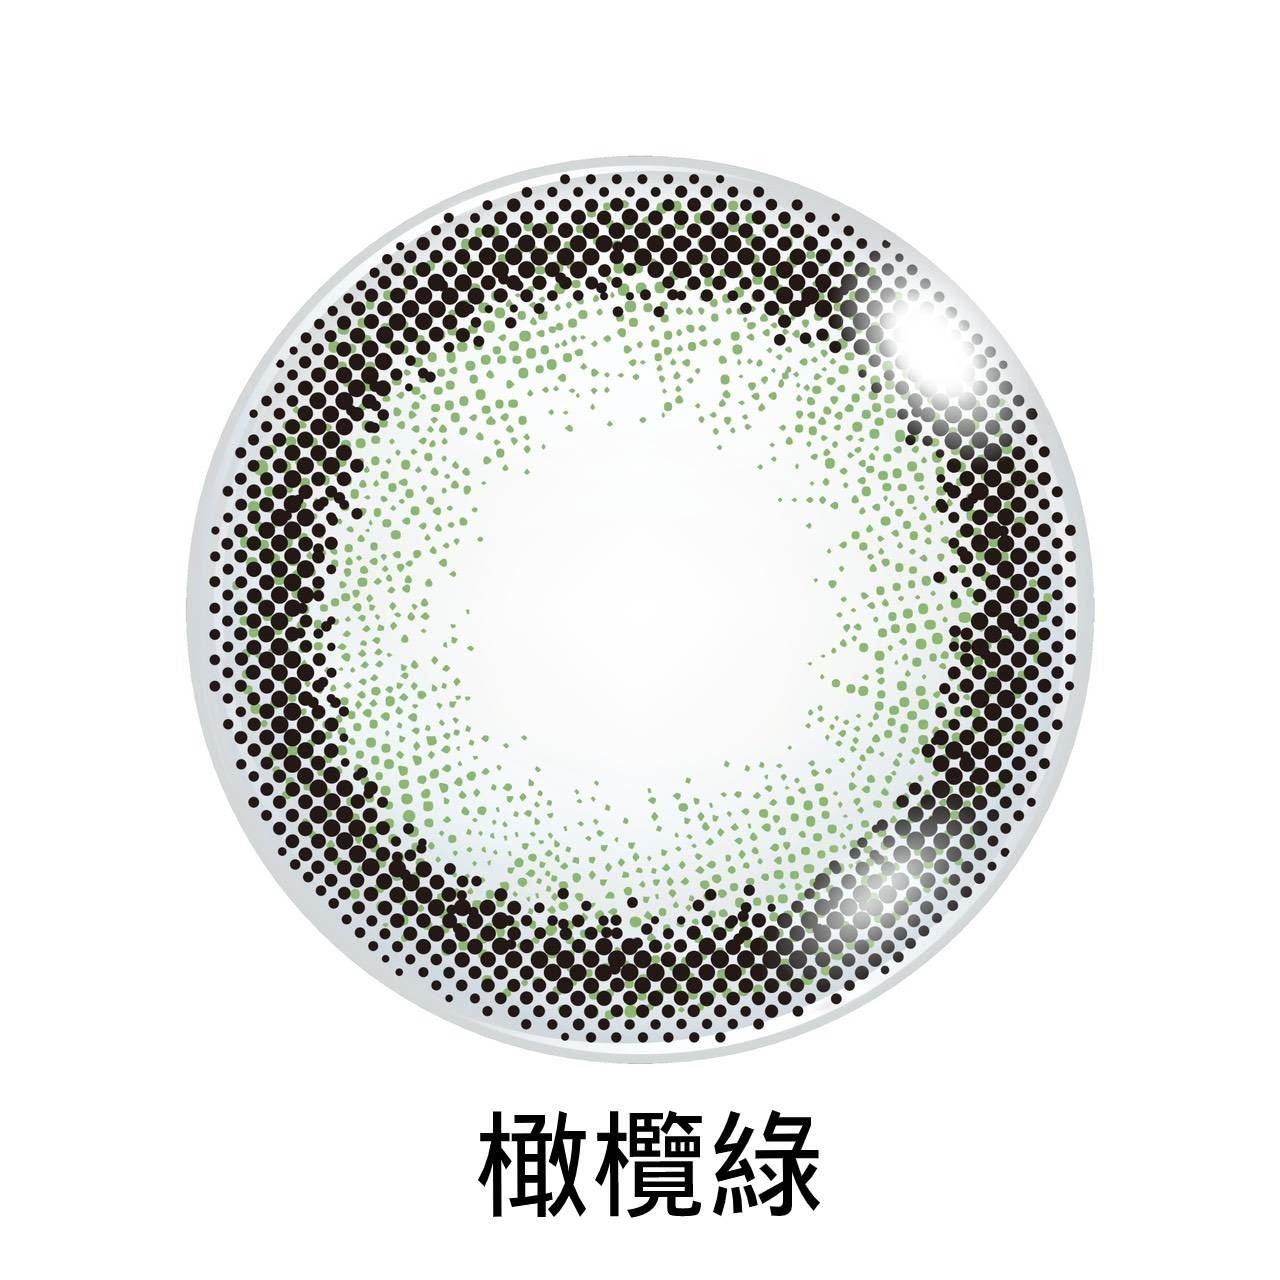 緹艾絲彩色日拋(10片裝)7